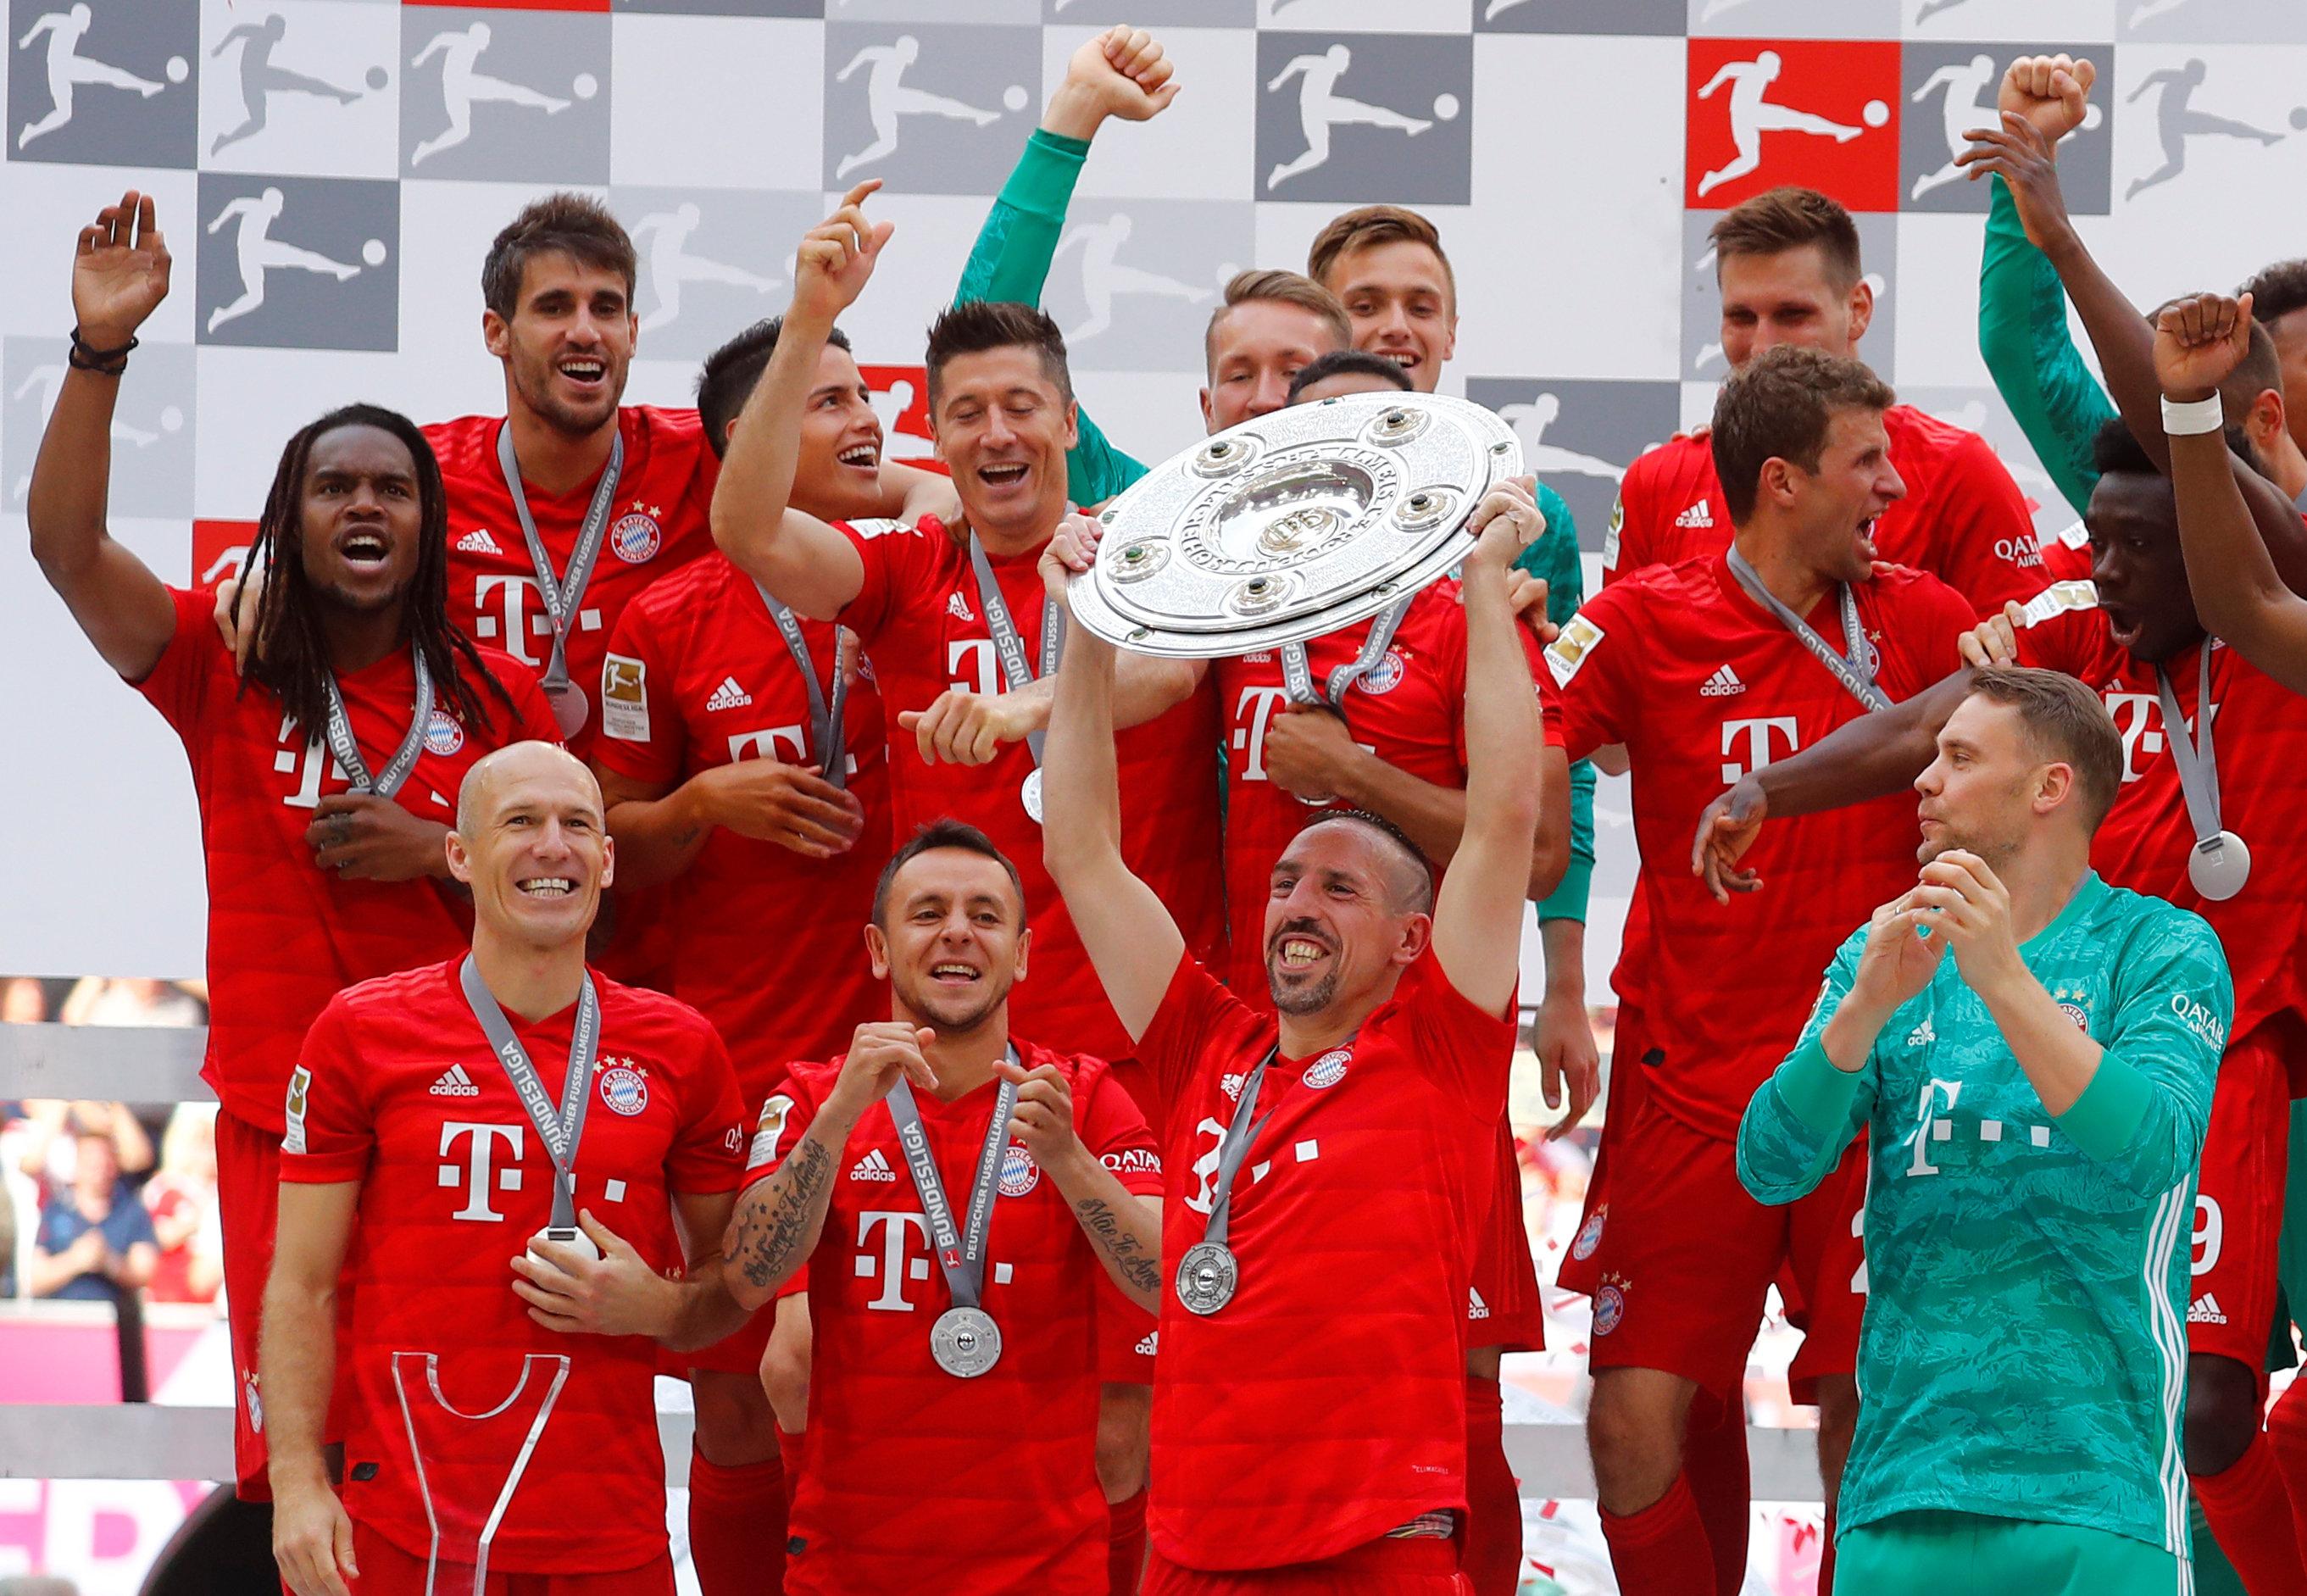 En fotos: Bayern Munich, campeón de Bundesliga con despedida emotiva de Ribery y Robben